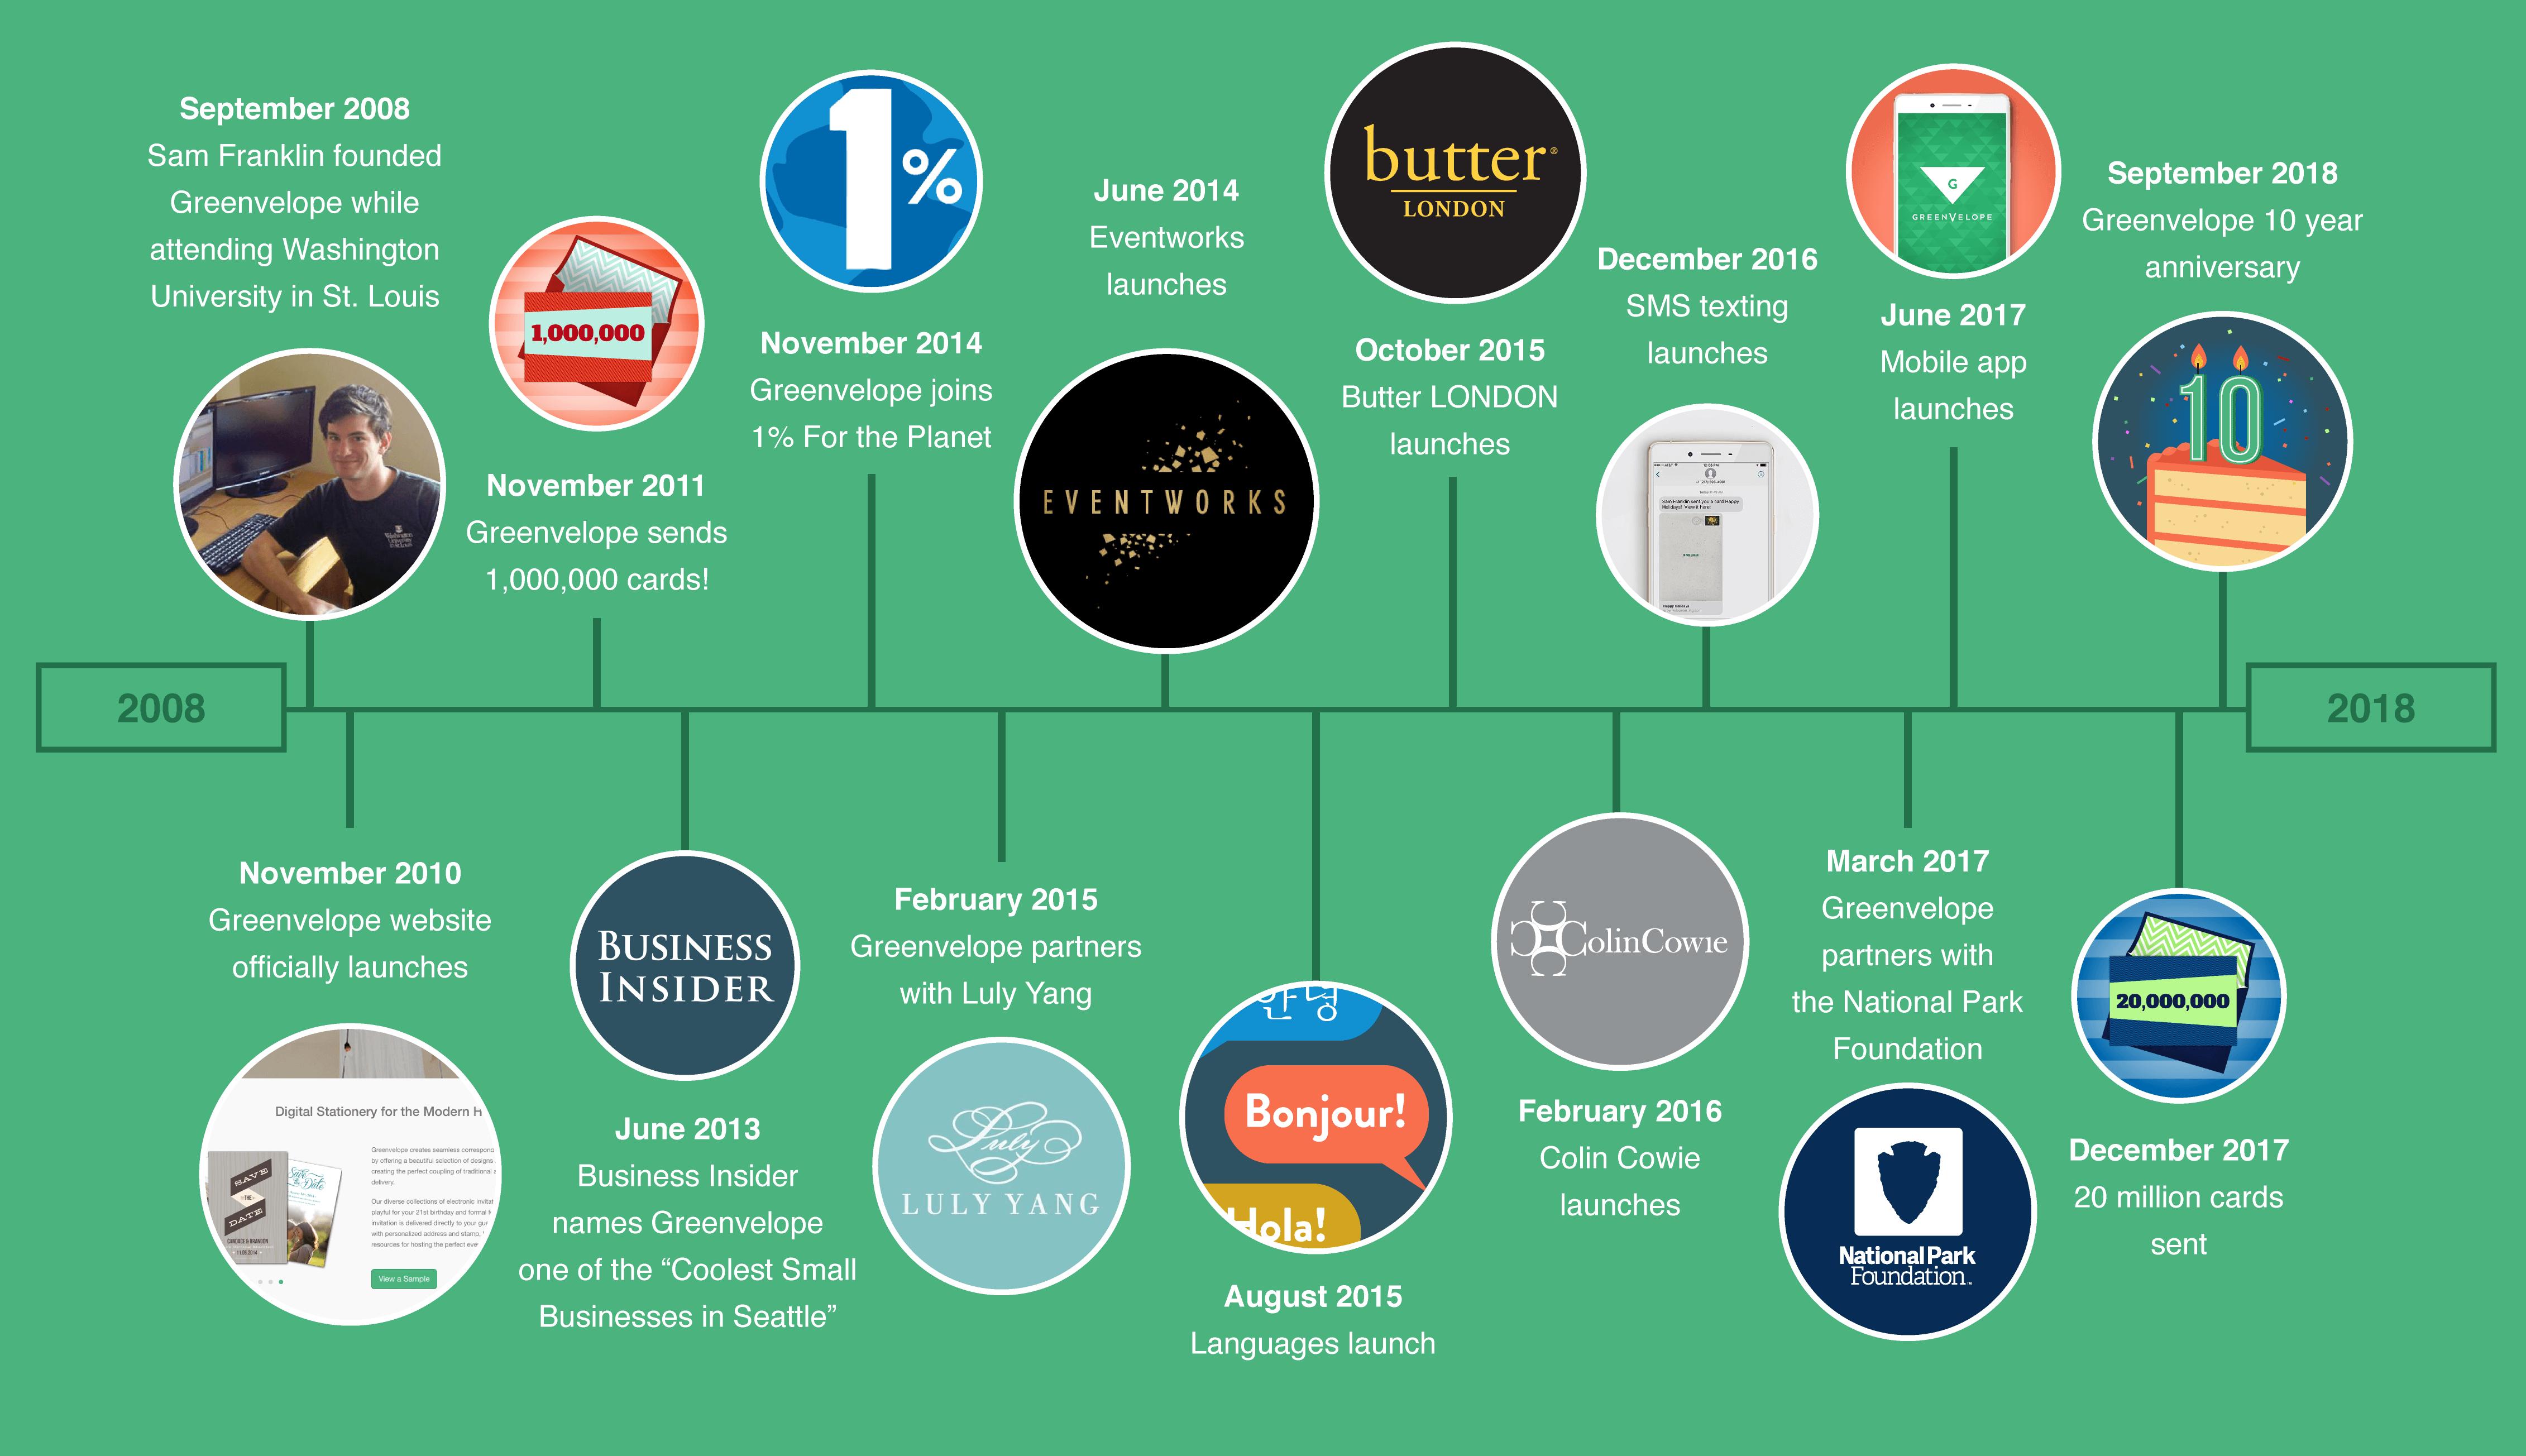 greenvelope timeline